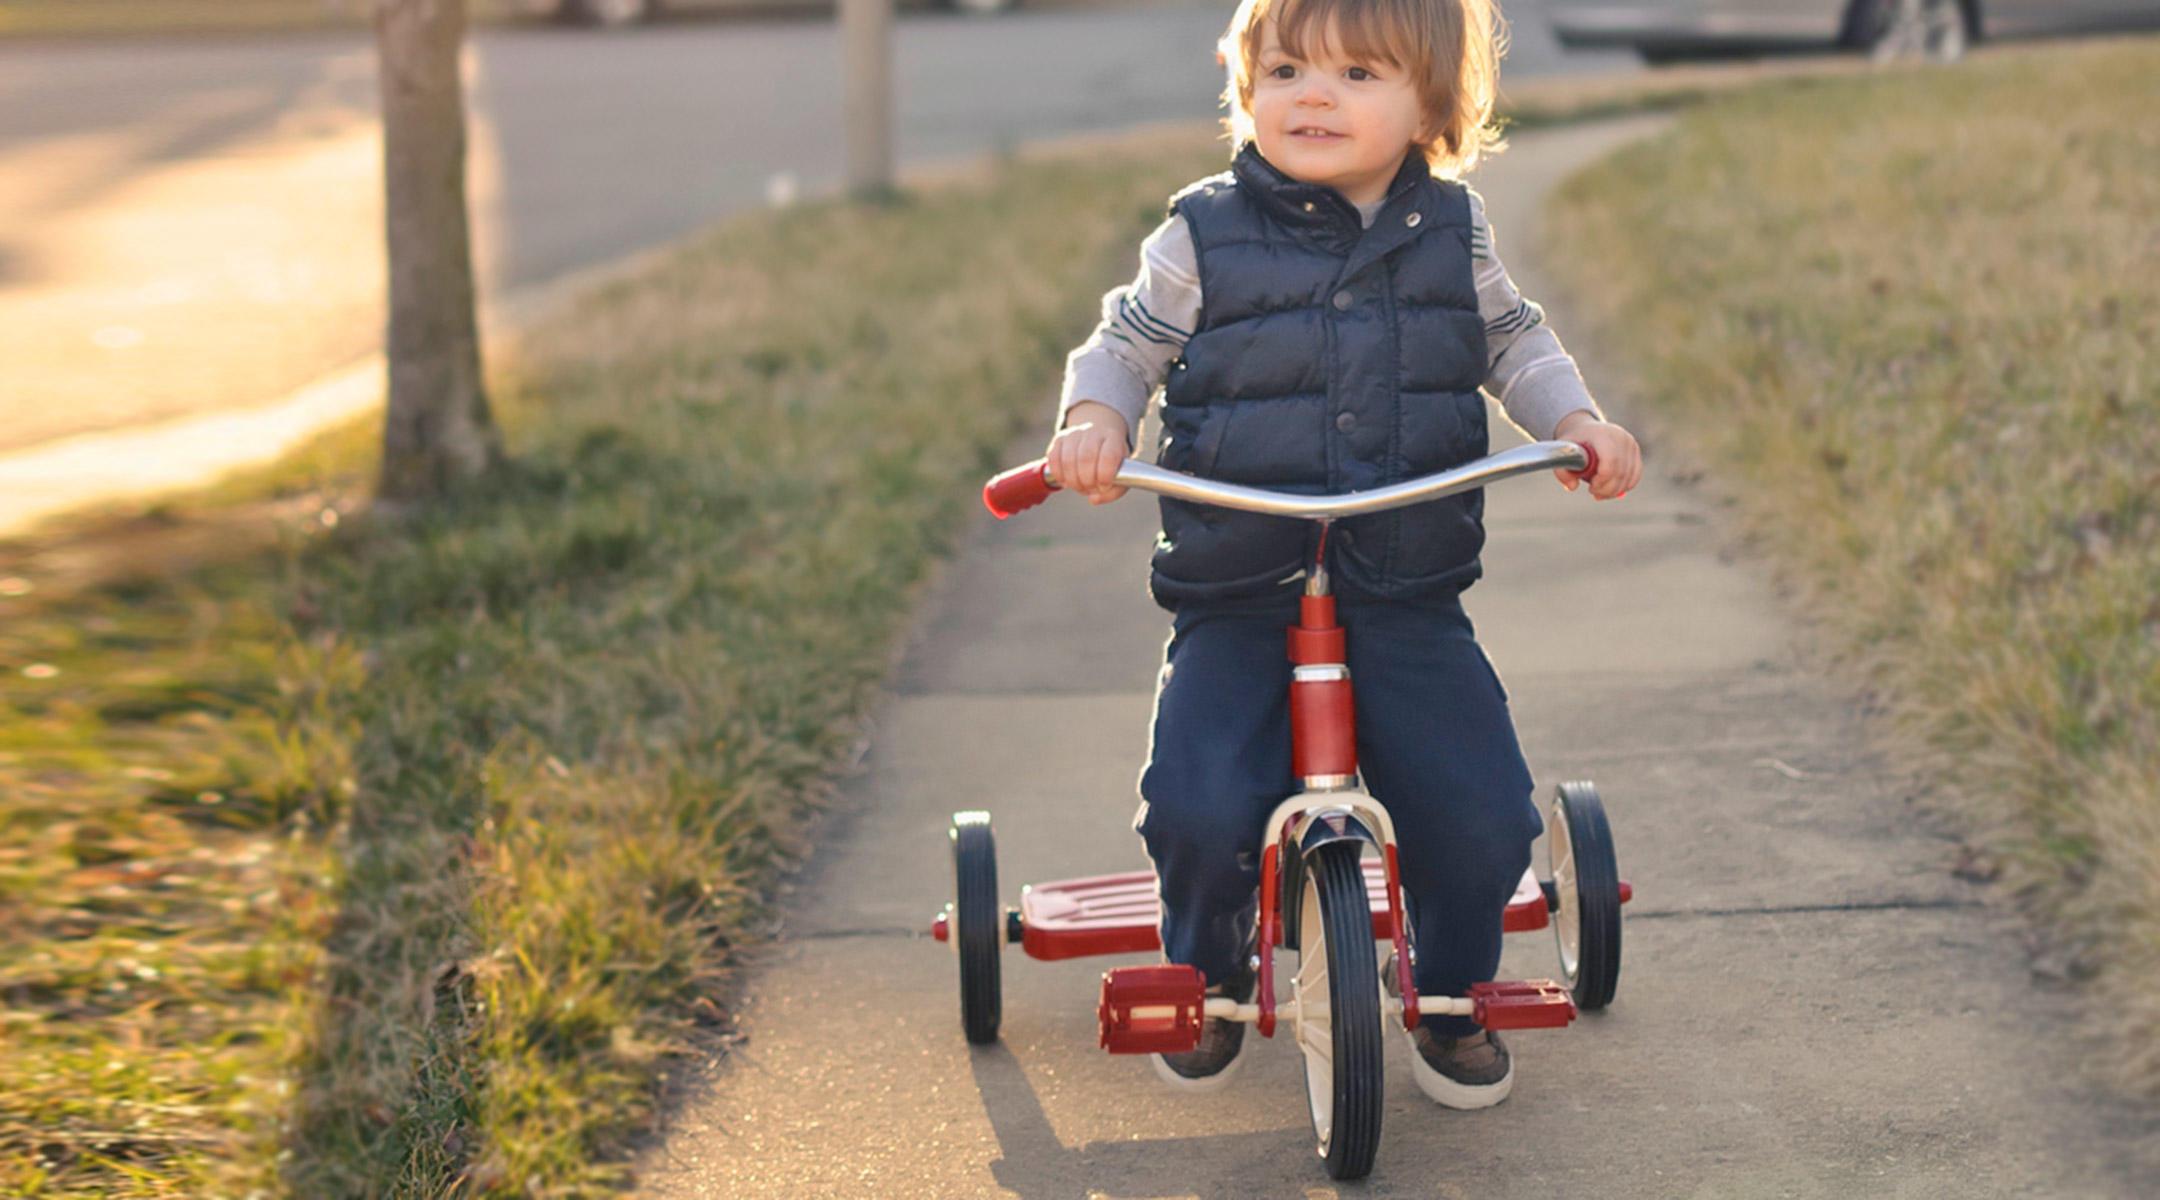 Comment utiliser un tricycle évolutif?